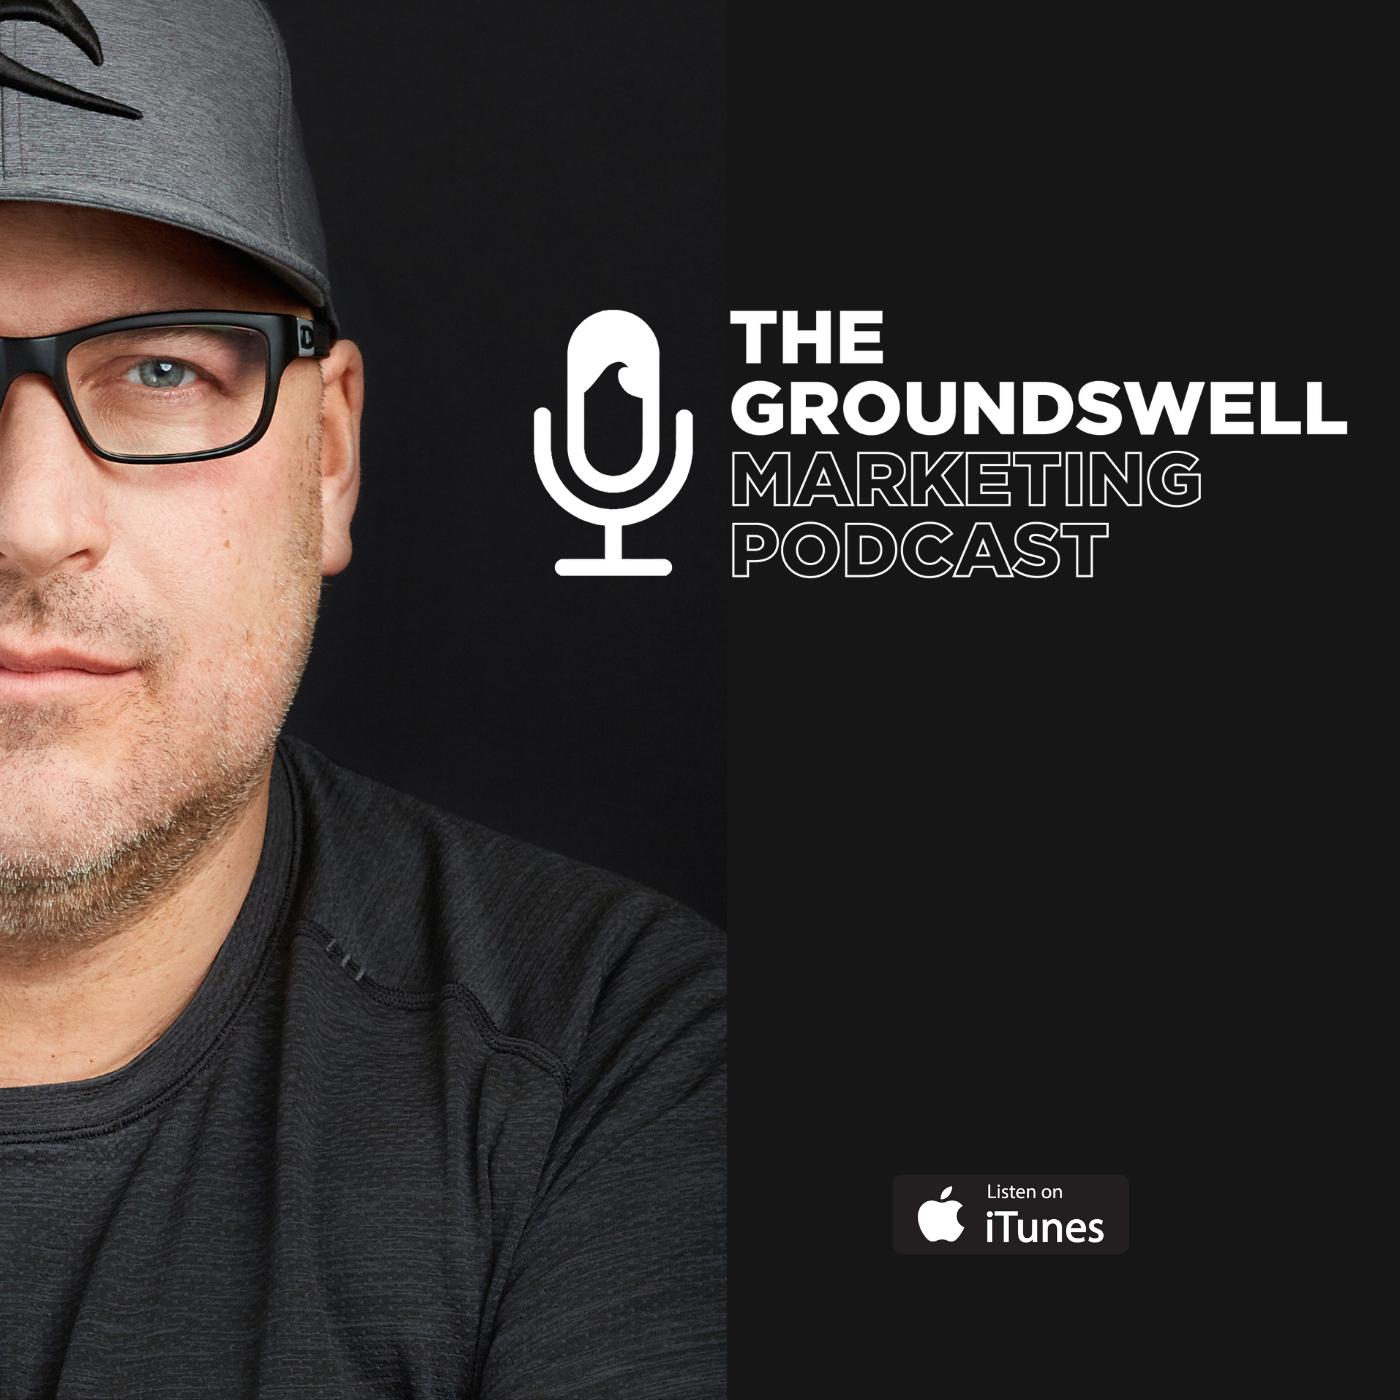 www.Groundswell.FM